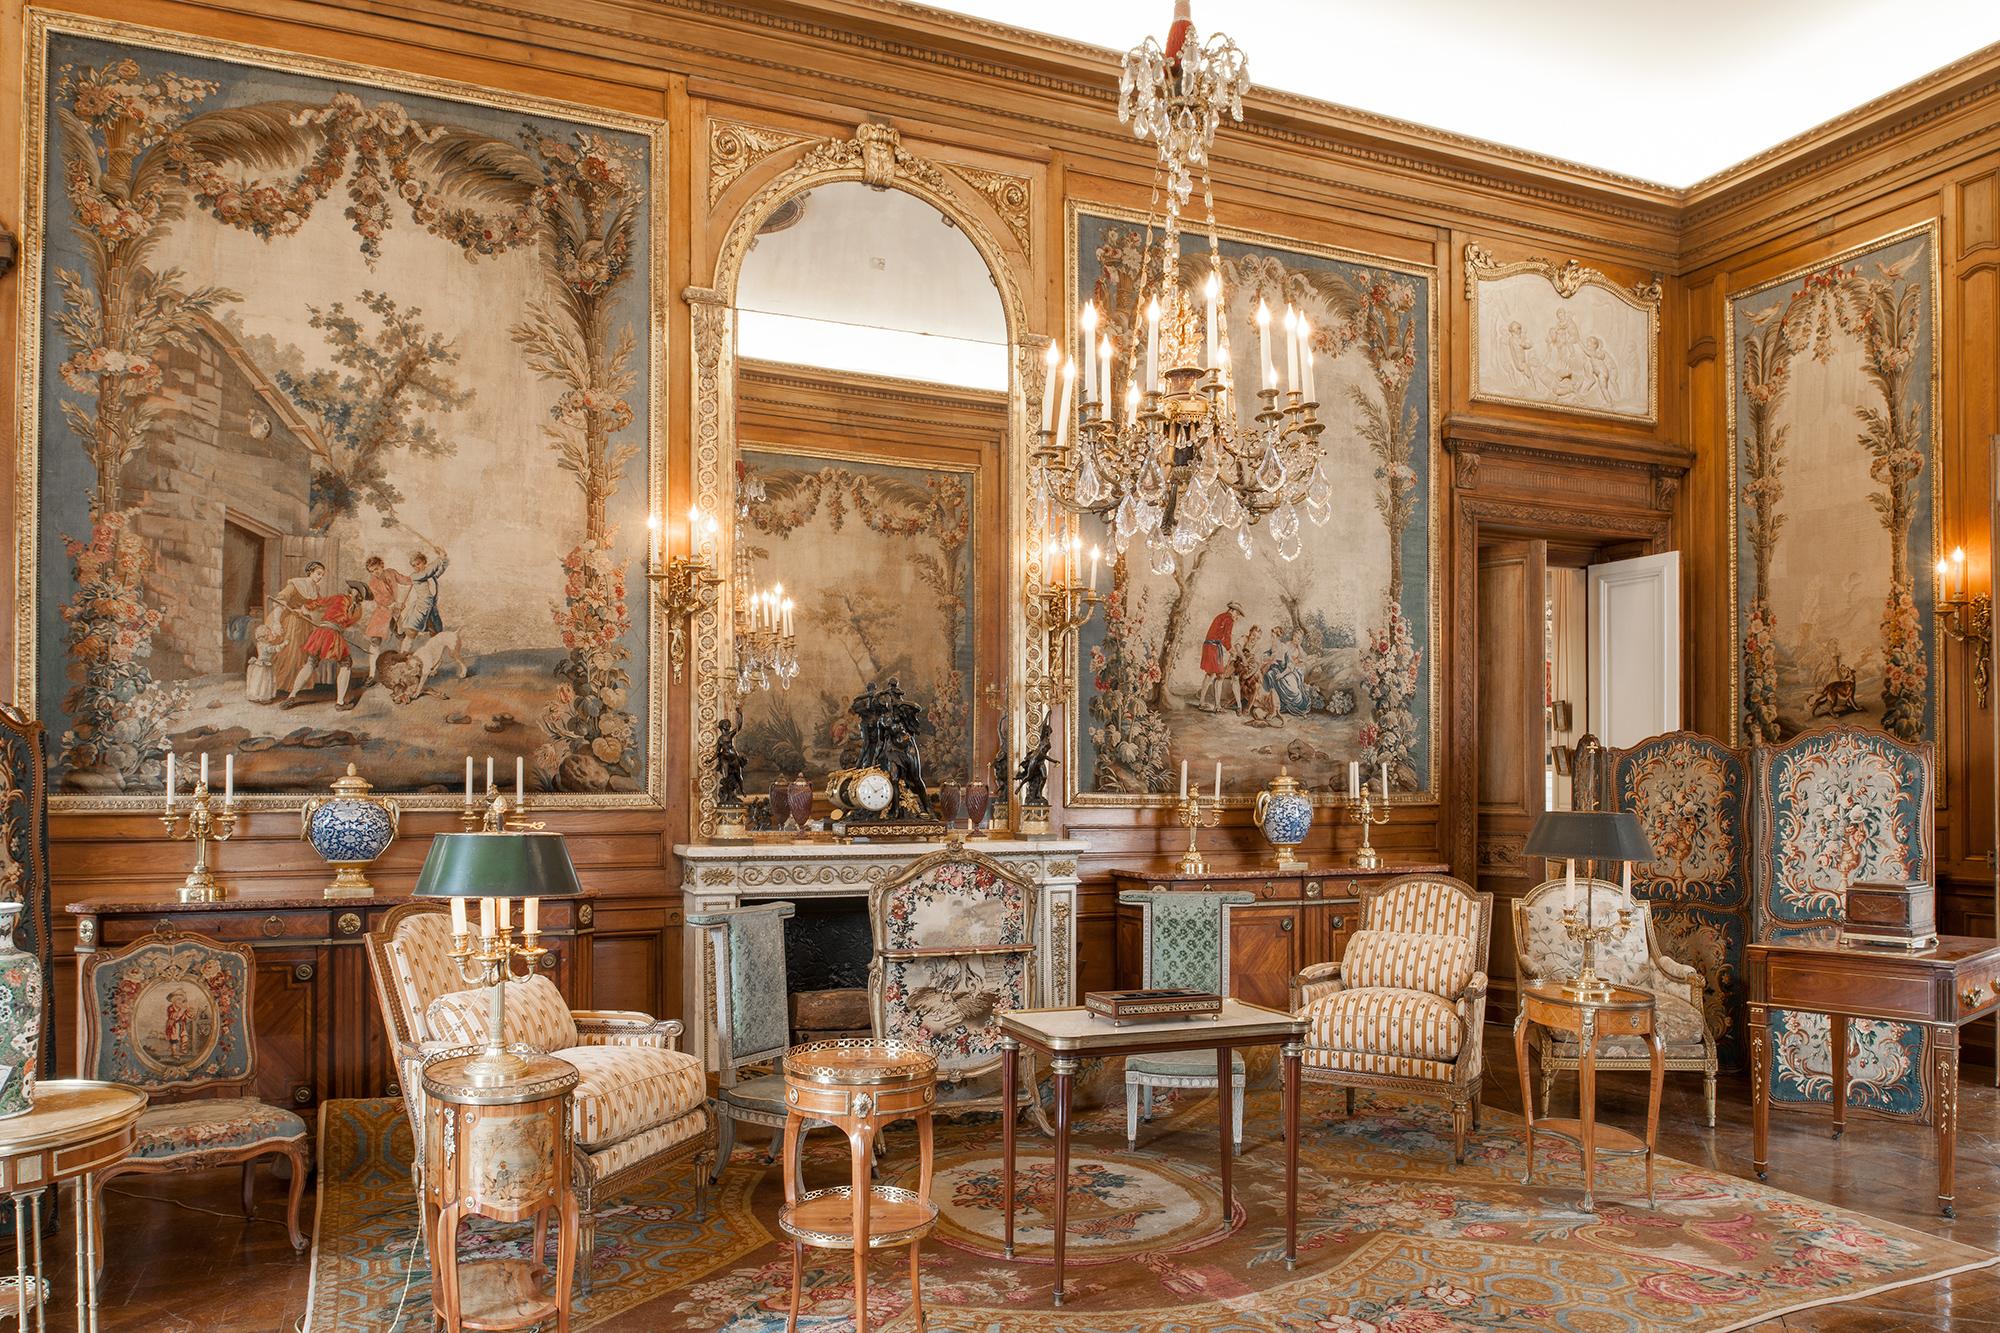 巴黎周围有130多家博物馆和名人故居,但是没有一个像尼西姆·德·卡蒙多博物馆这样,近一个世纪以来最完整忠实地保留着原主人的生活环境。